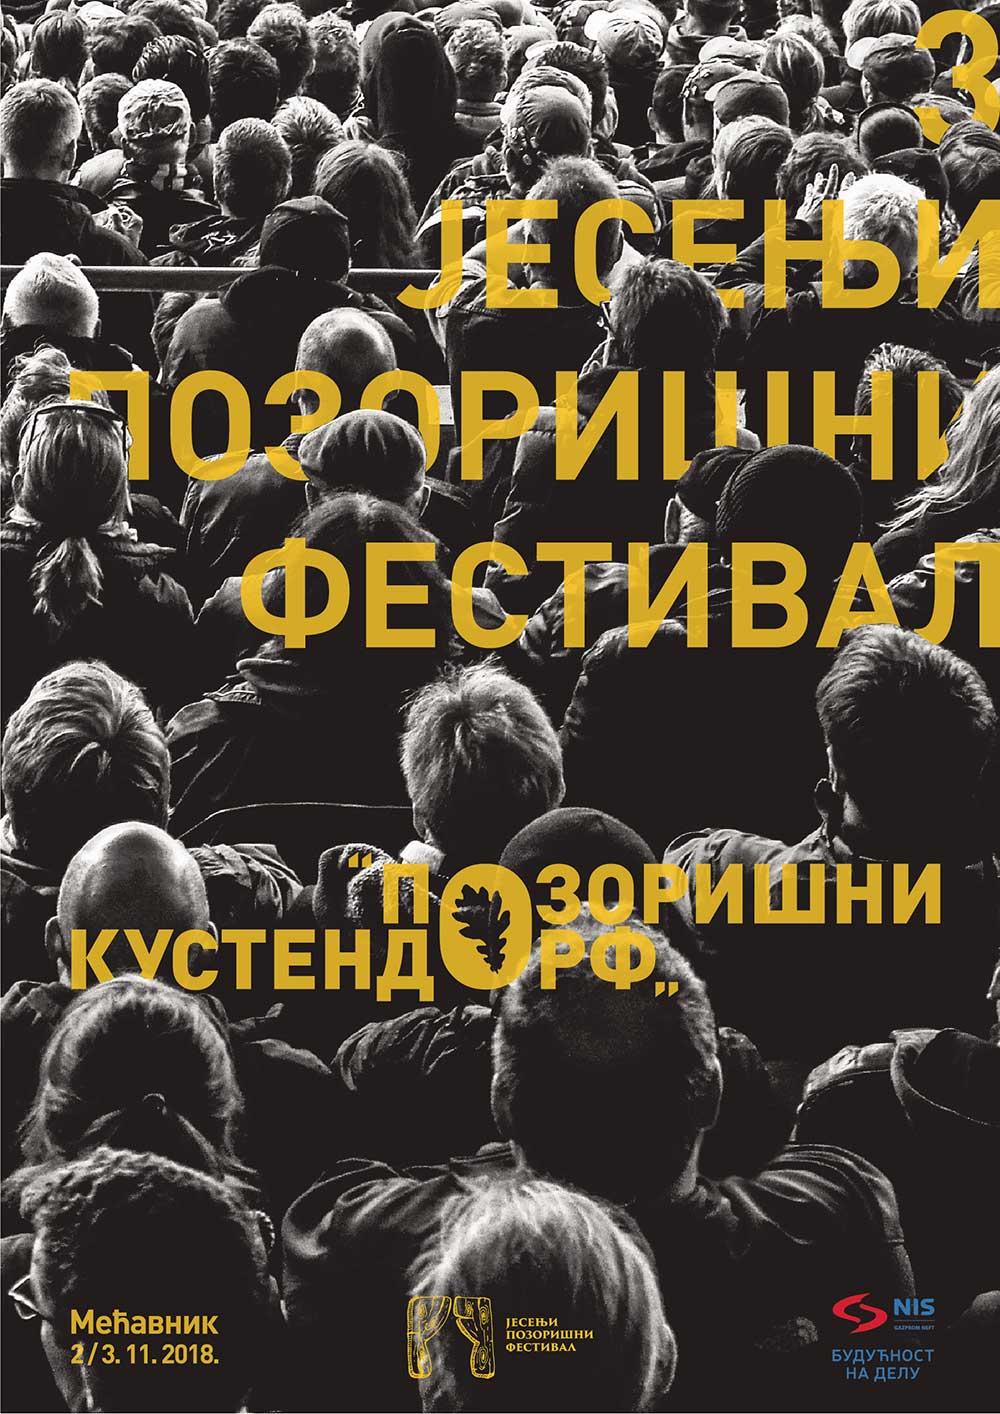 Трећи Јесењи позоришни фестивал редитеља Емира Кустурице на Мећавнику, уз подршку НИС-а